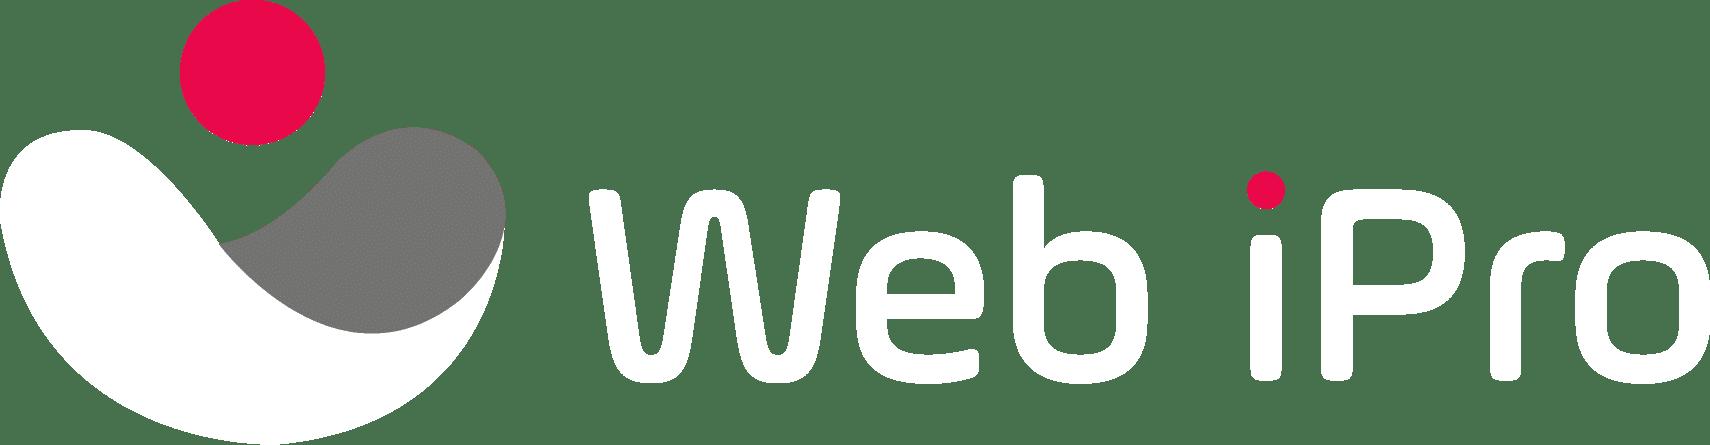 Webipro